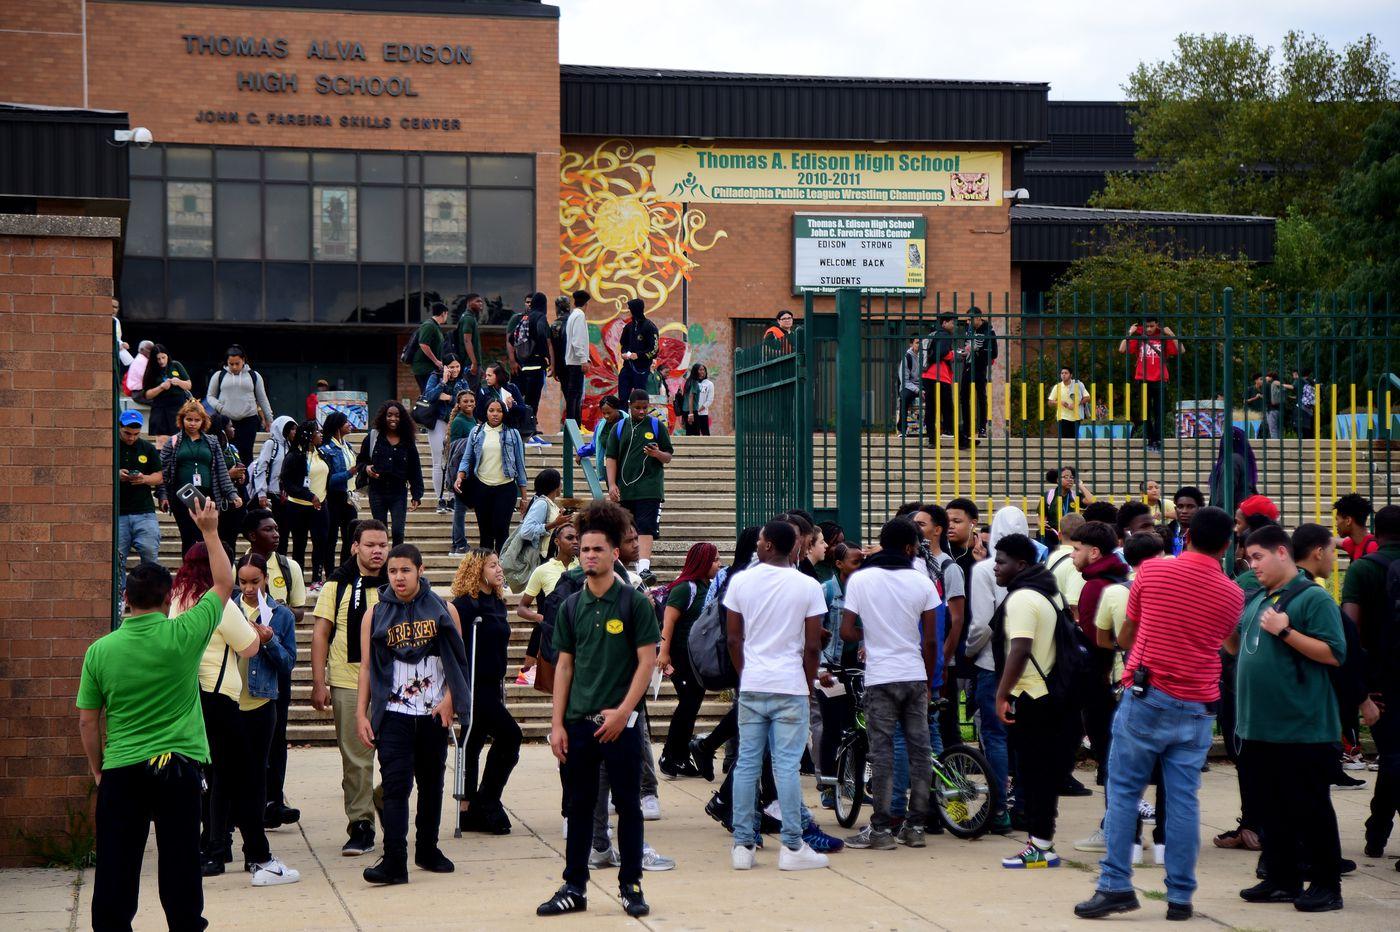 Esta escuela secundaria de Filadelfia revela graves problemas de asistencia en el distrito educativo